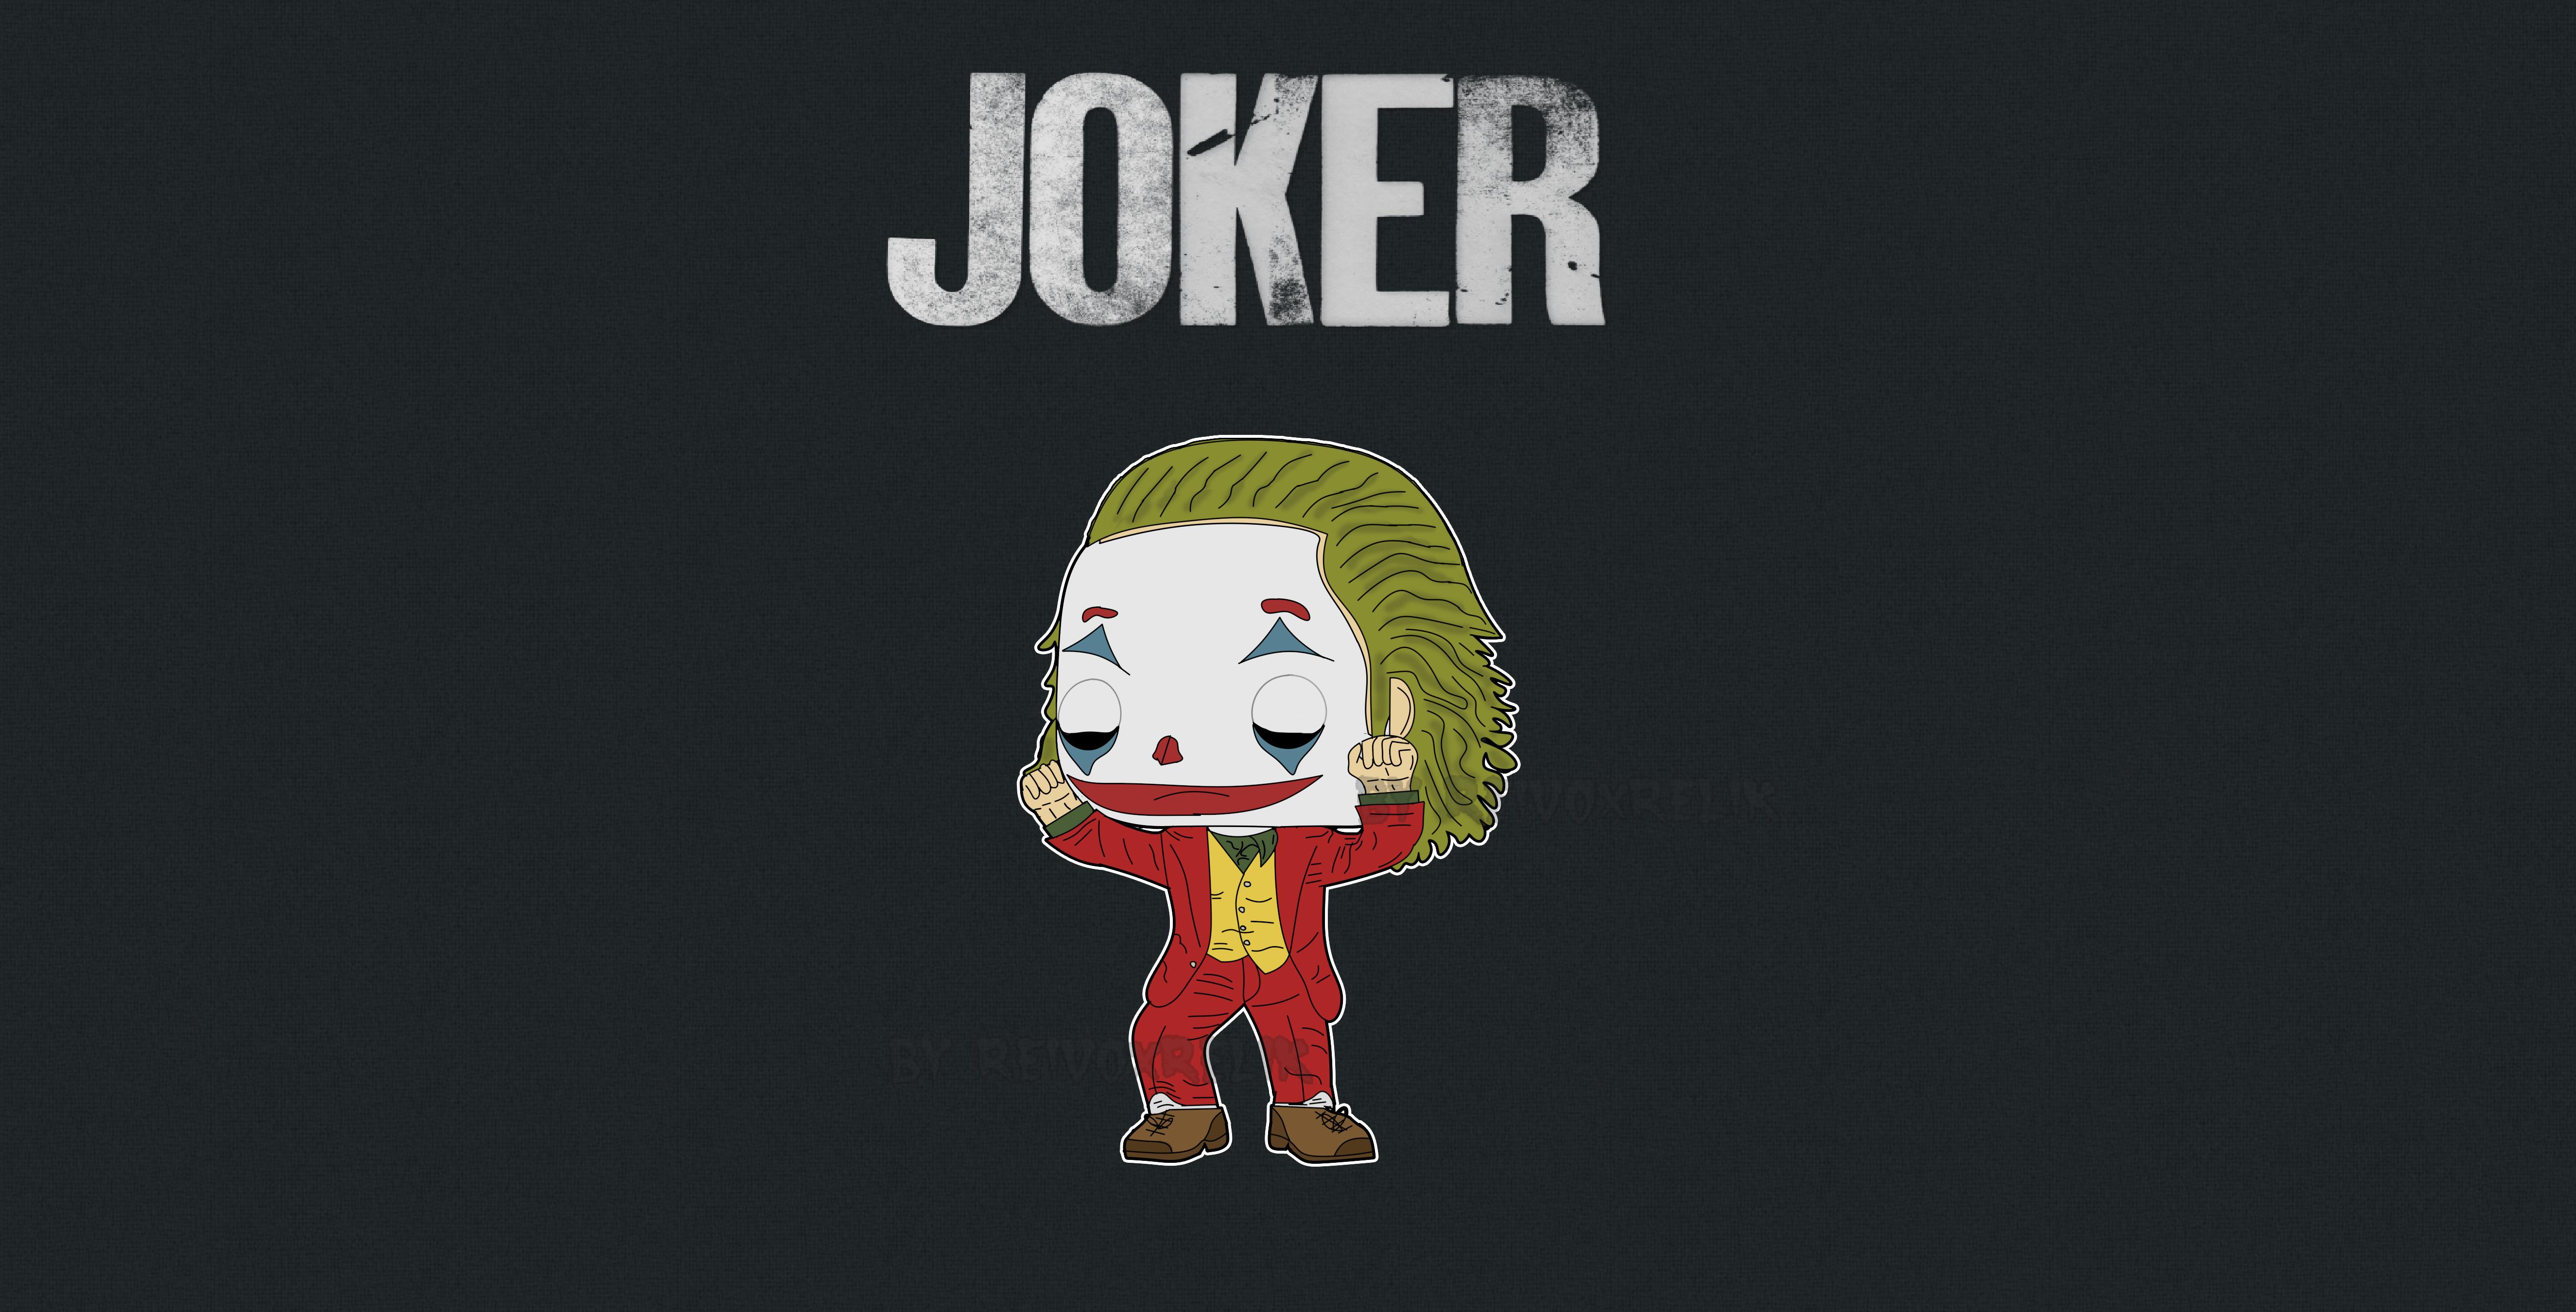 2560x1600 Joker Cartoon Art 2560x1600 Resolution Wallpaper Hd